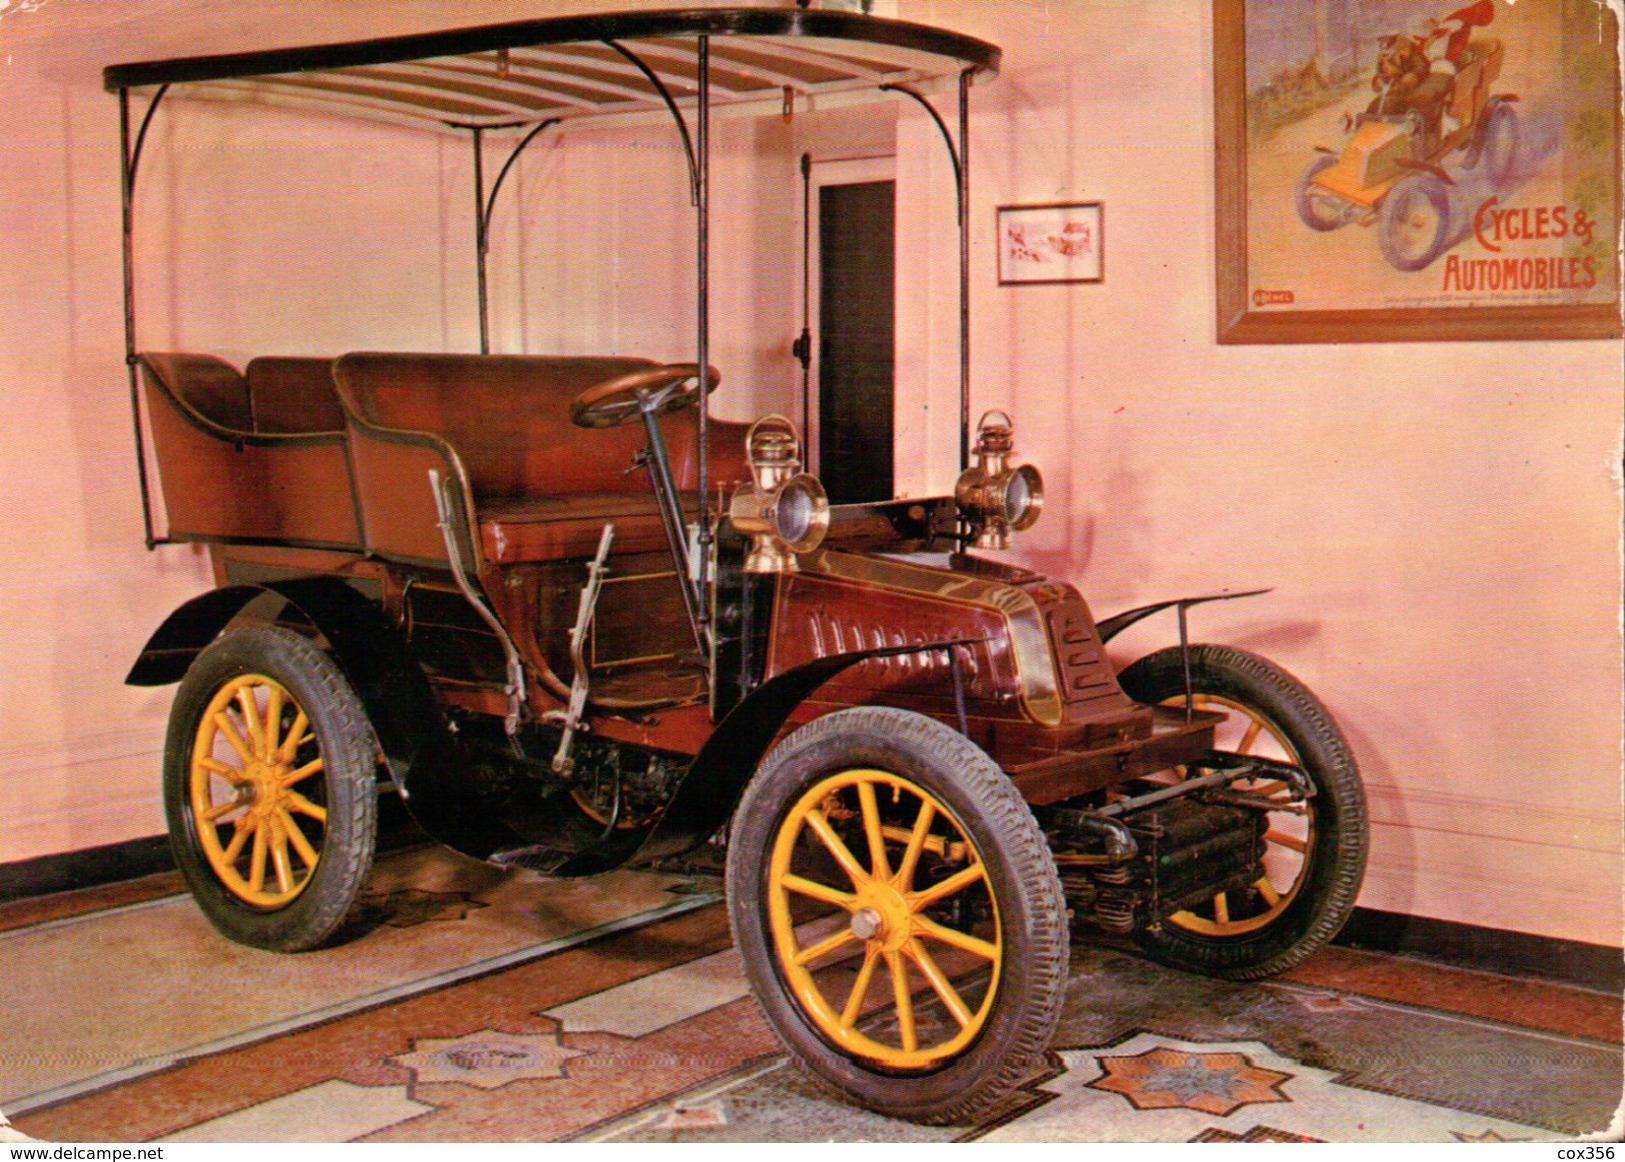 CPSM  AUTOMOBILES GEORGES RICHARD 1902 TONNEAU AVEC DAIS - Taxi & Carrozzelle